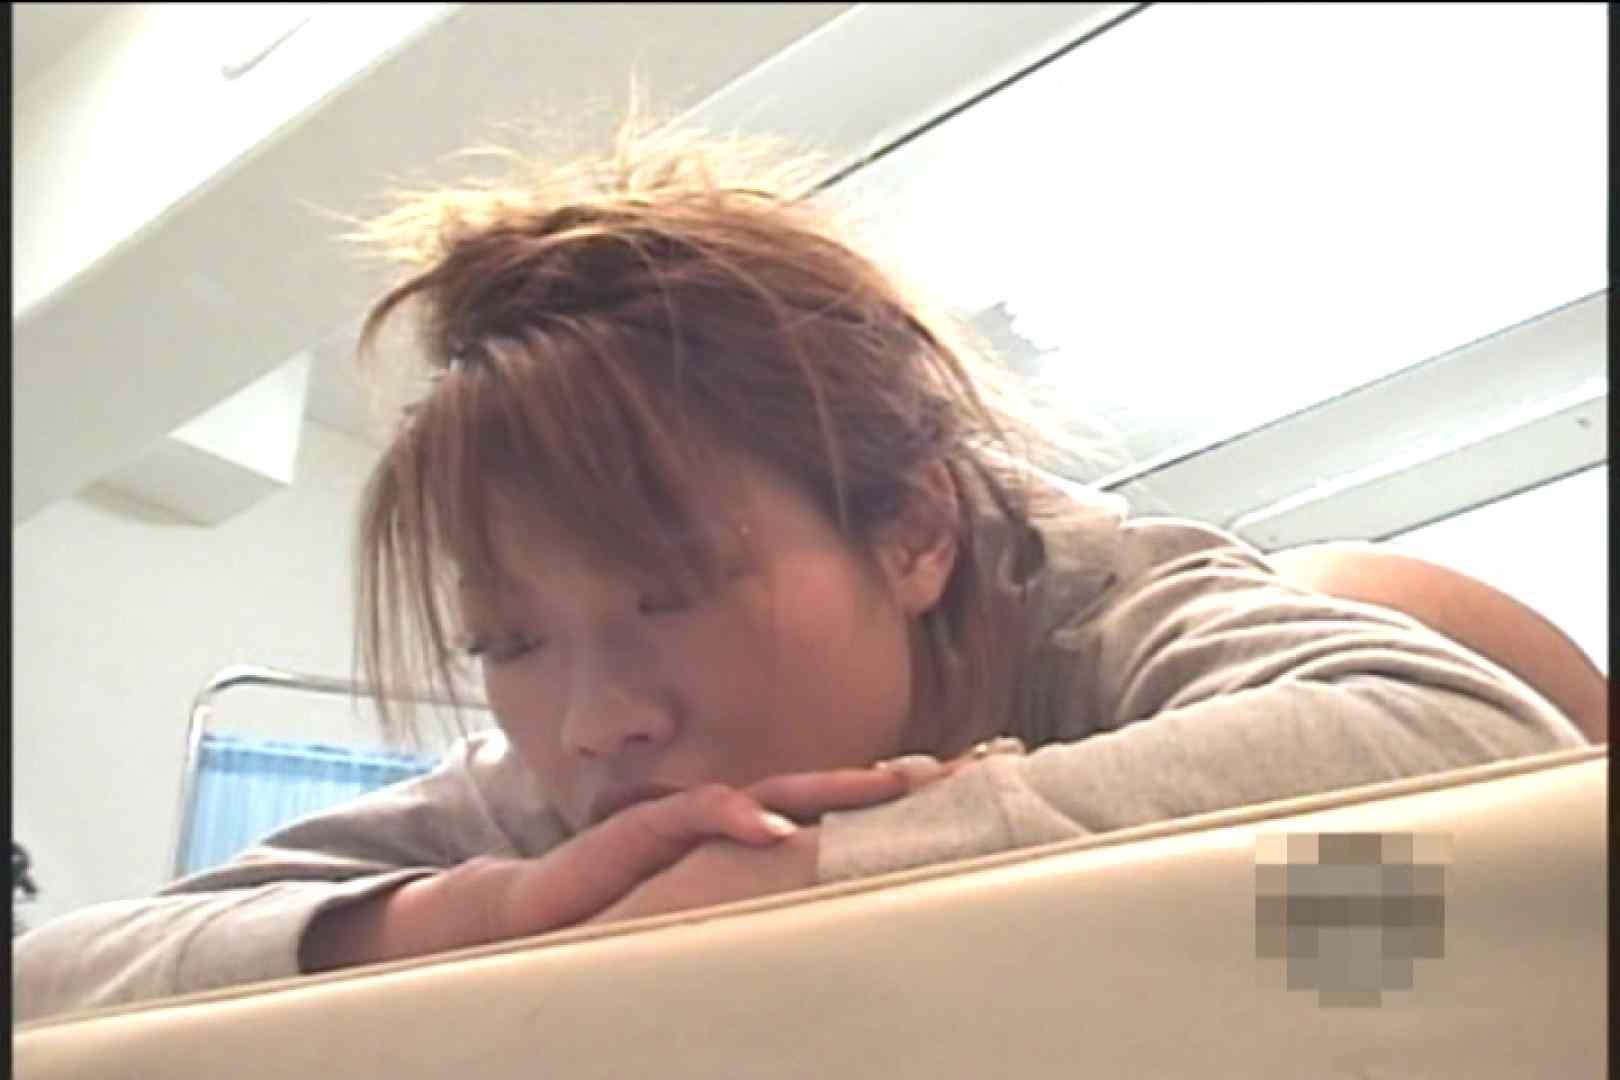 逆噴射病院 肛門科Vol.4 熟女 オメコ動画キャプチャ 75画像 14